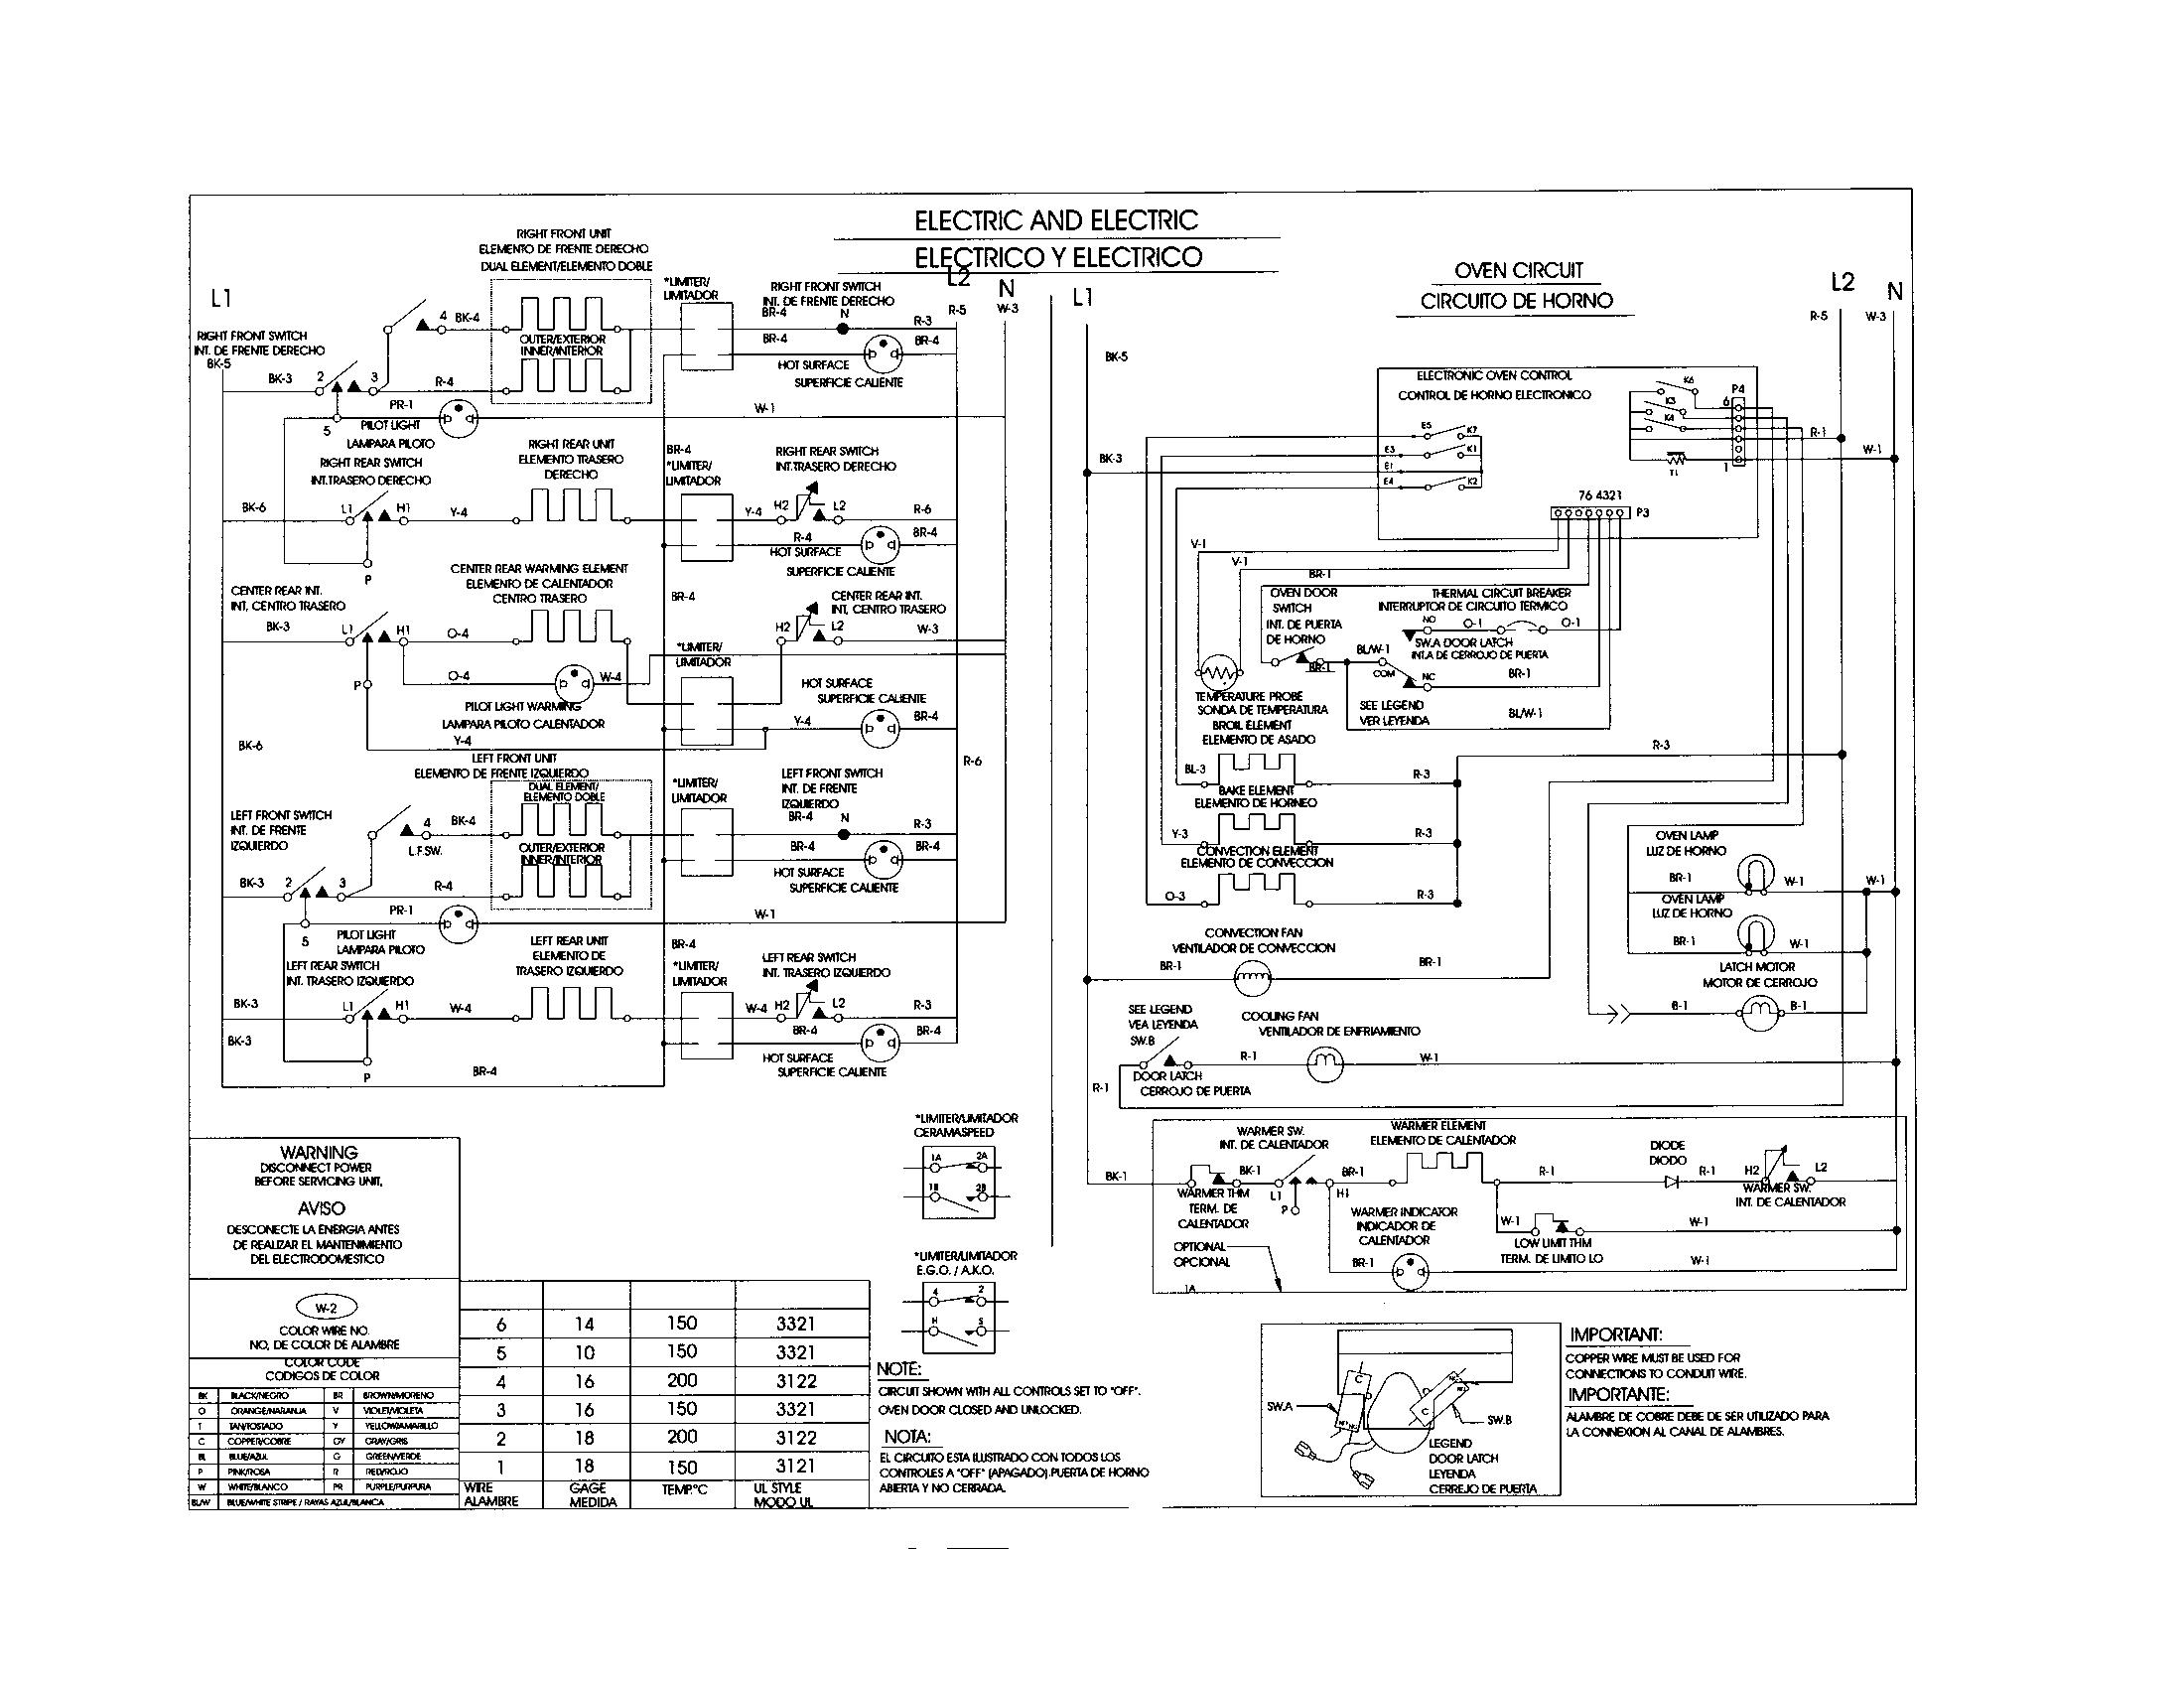 Wiring Diagram Kenmore Oven - Wiring Diagram SchemesMein-Raetien